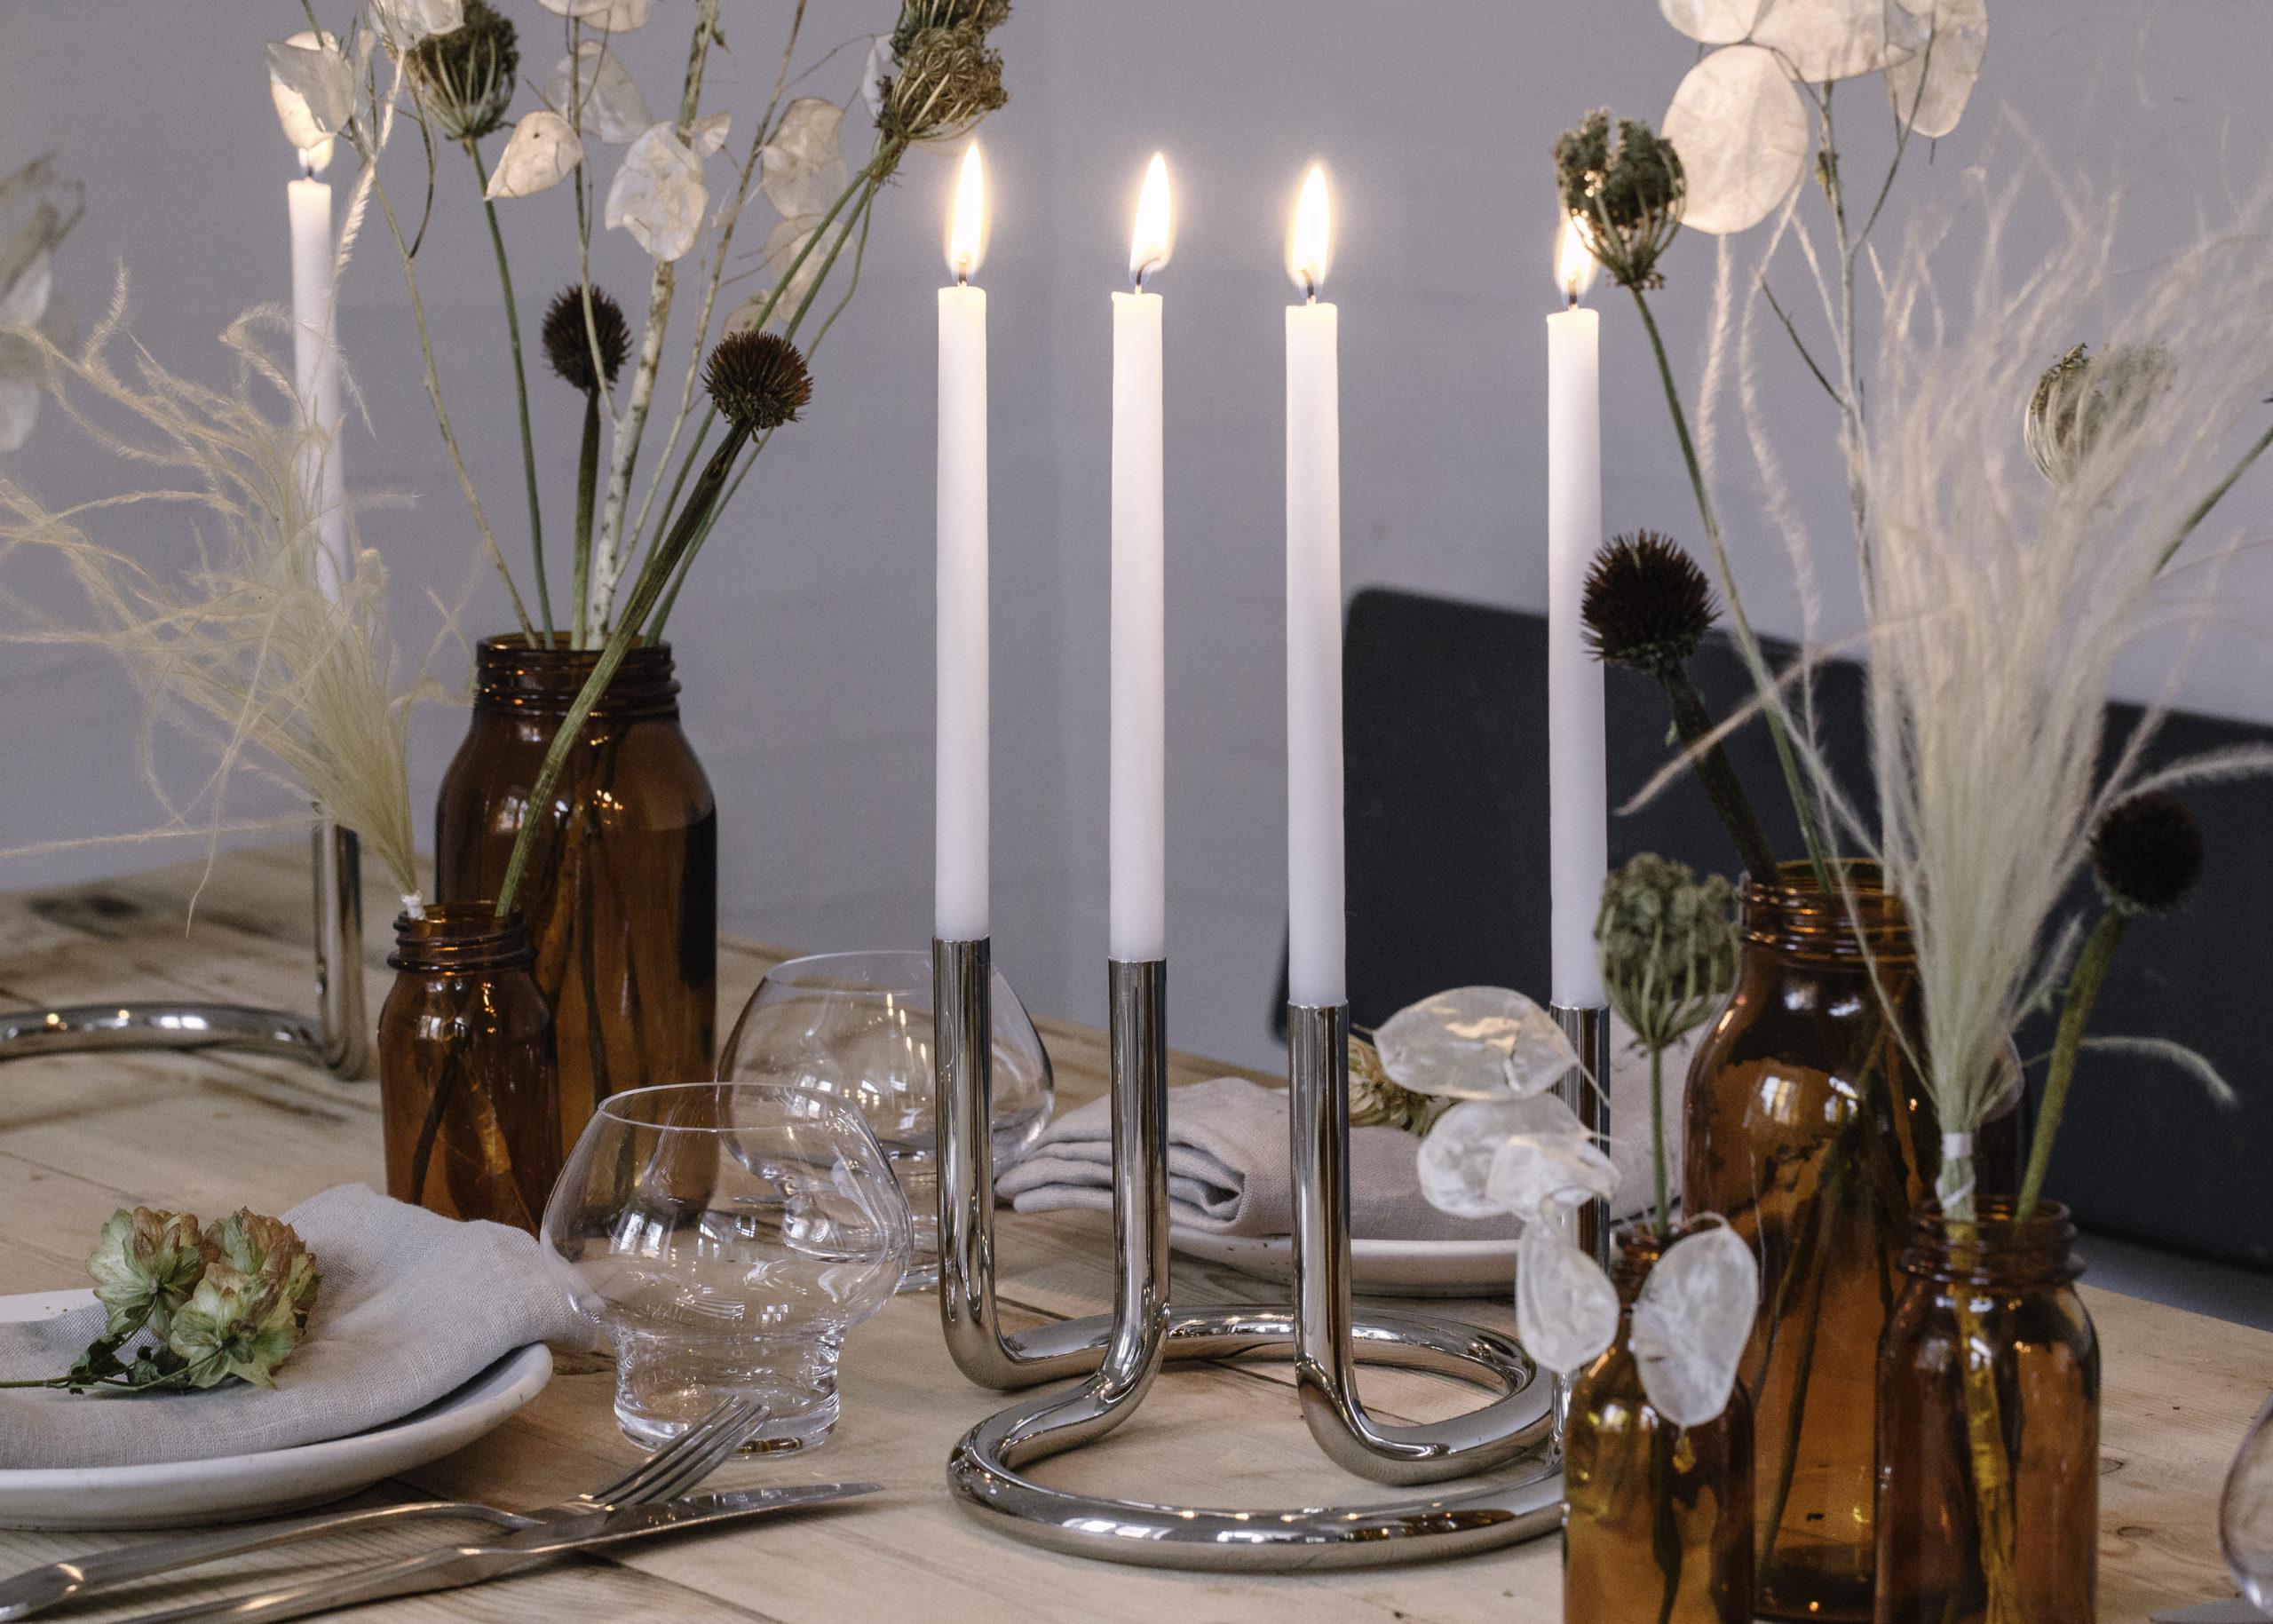 Architectmade-Gemini-Candleholder-Stainless-Steel-Denmark-Peter-Karpf-12